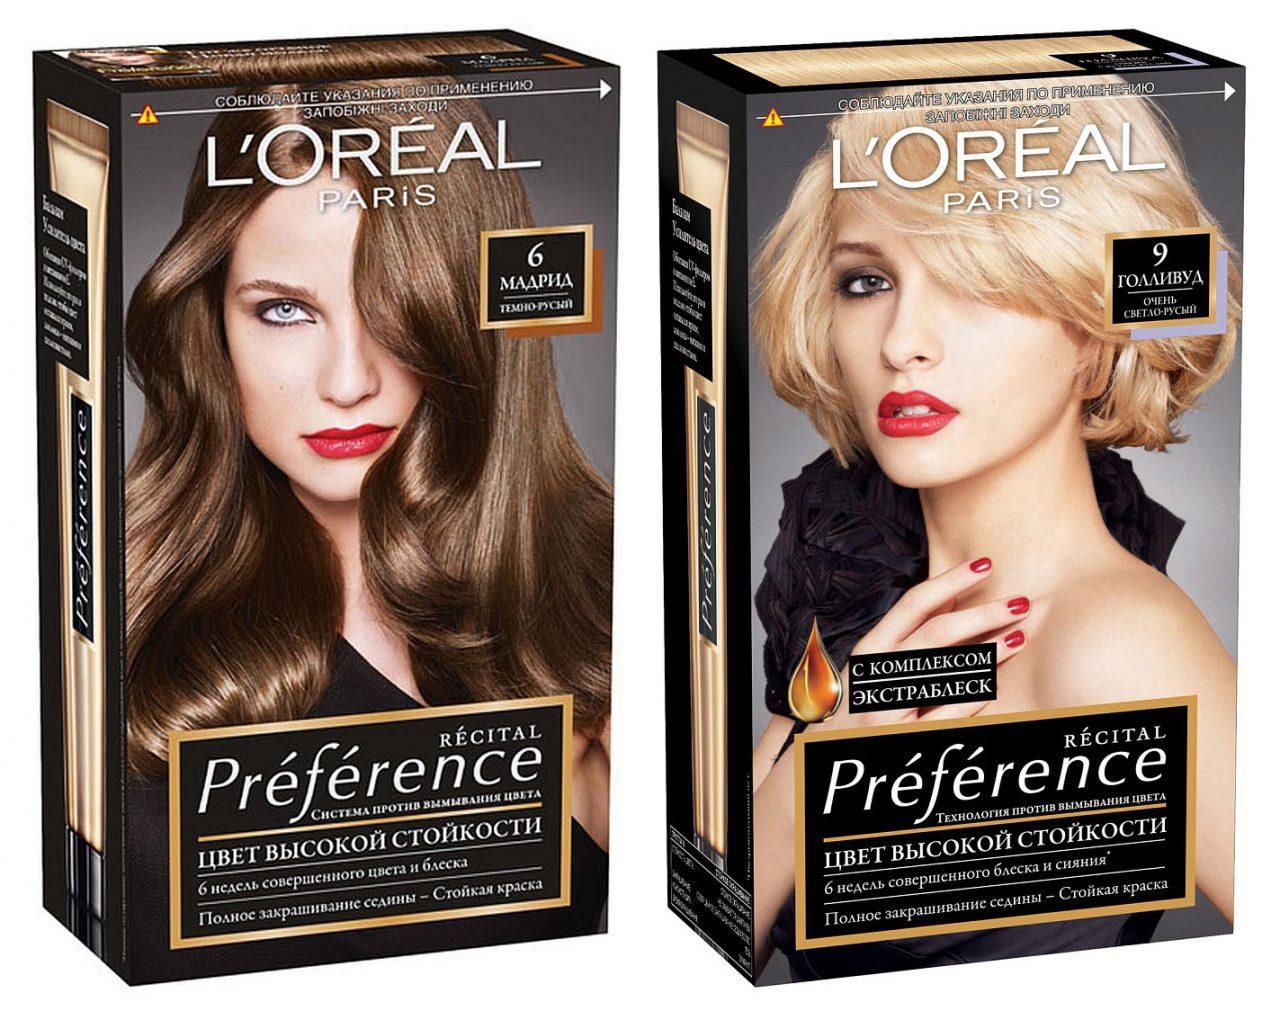 Краска для волос Лореаль Преферанс: специфика использования и эффект от окрашивания